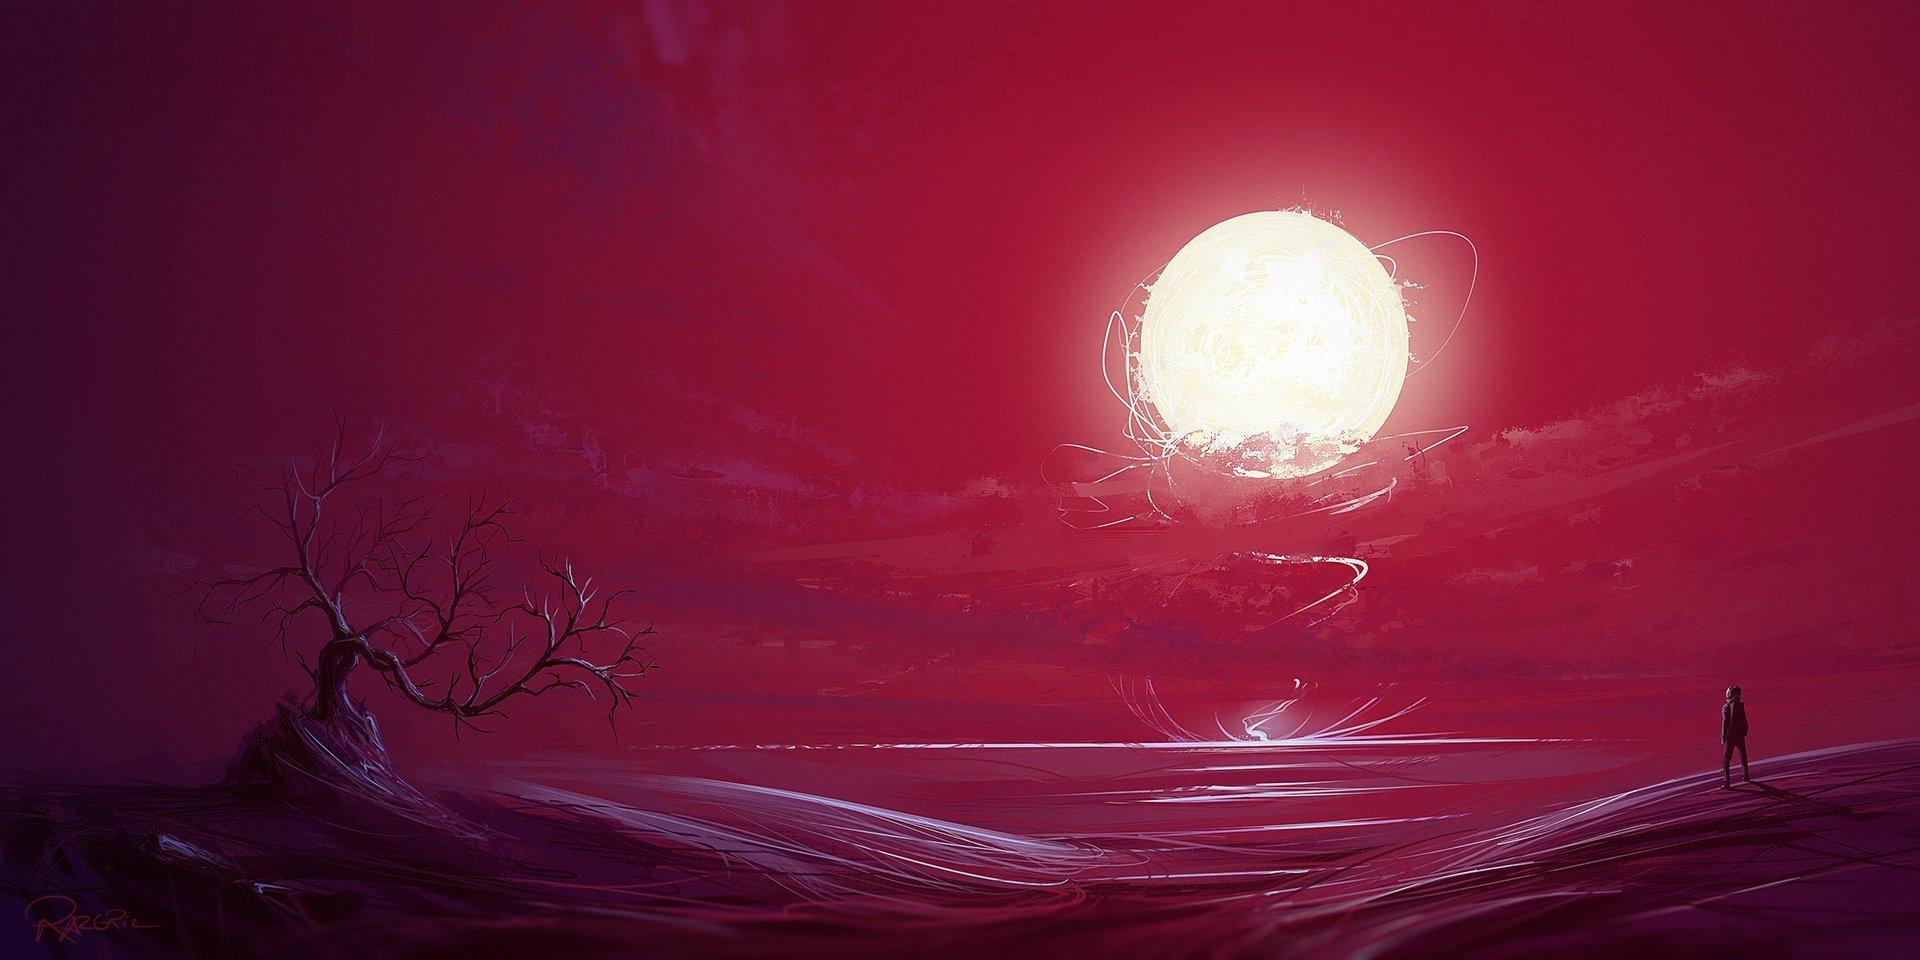 illustration, Fantasy art, Sunset, Bonsai, Sun, Red, Artwork Wallpaper